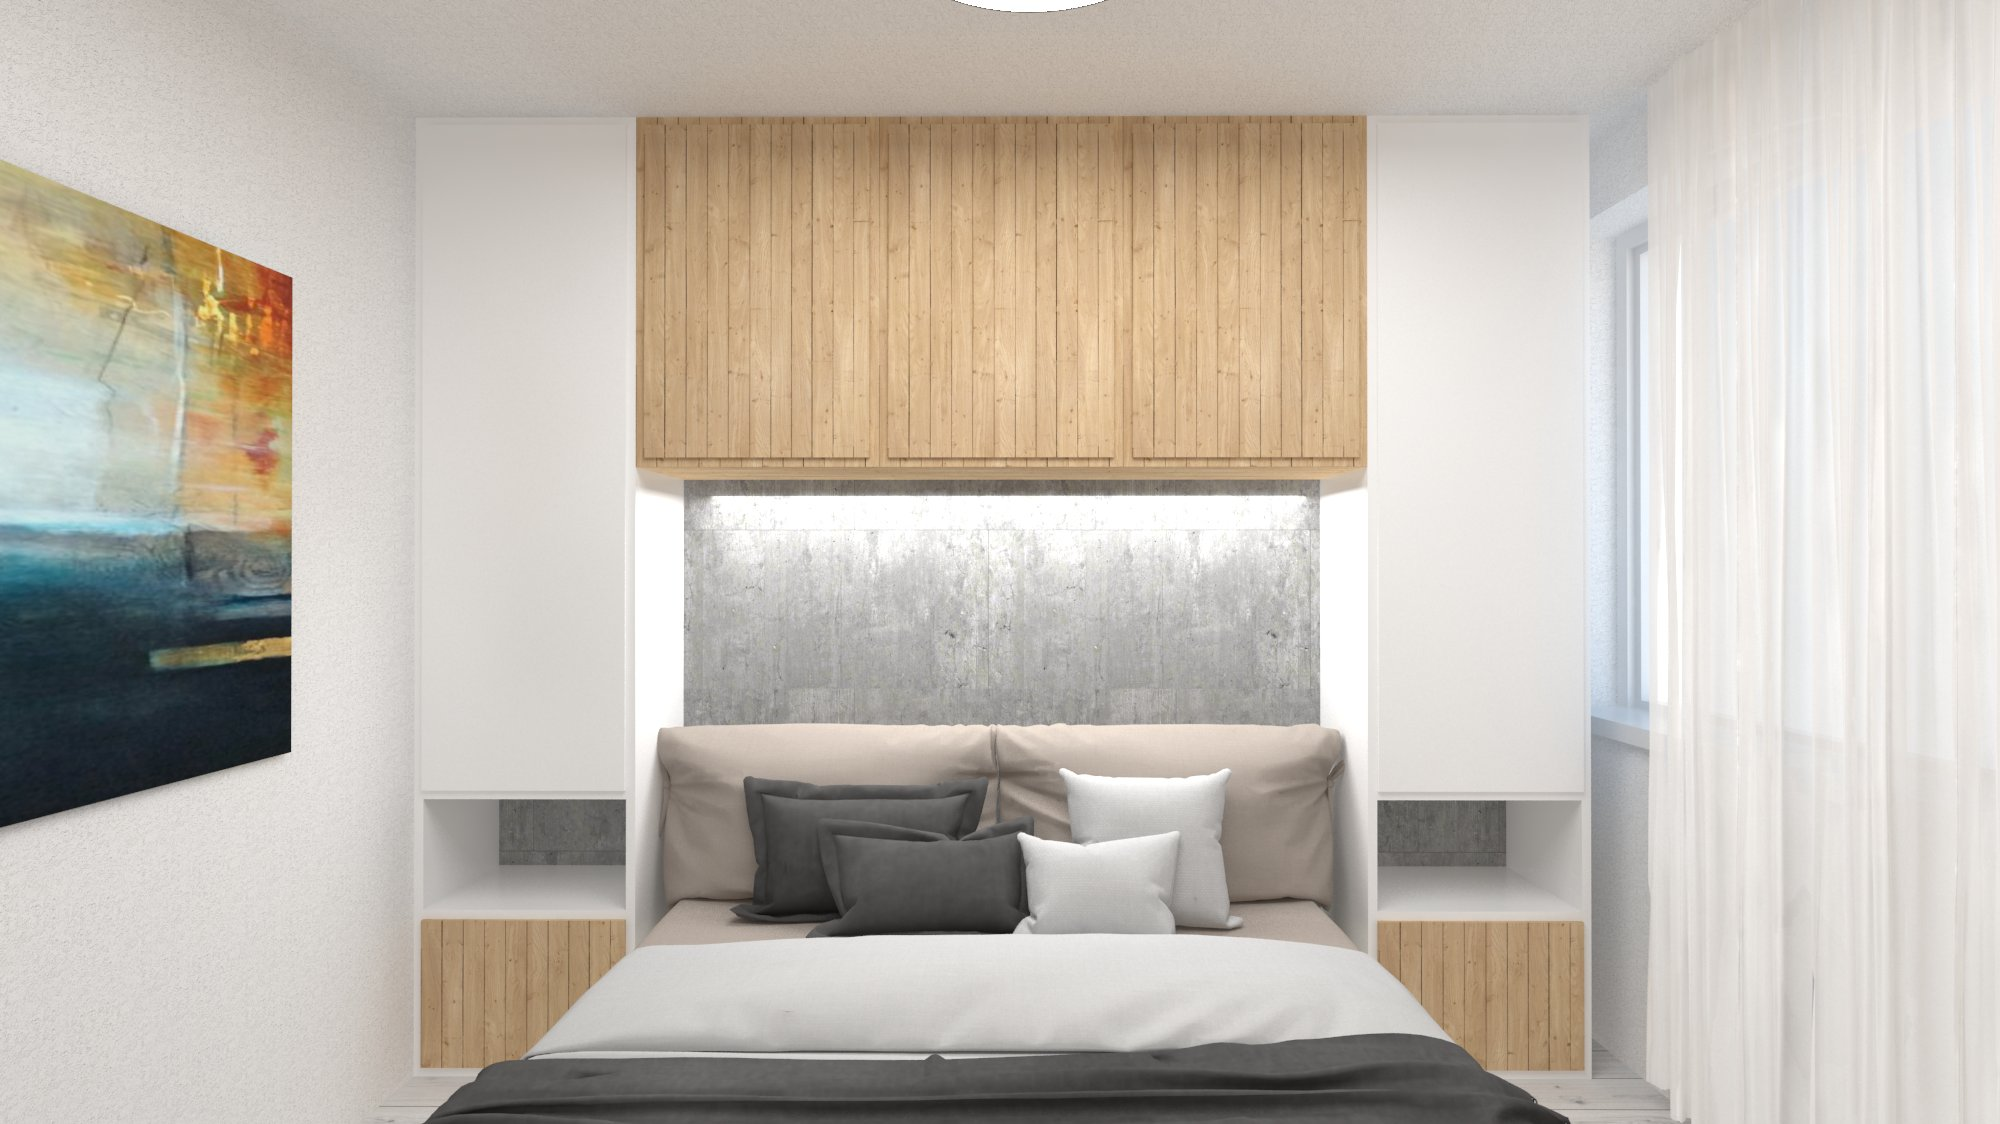 Návrh interiéru pre byt v novostavbe - spálňa